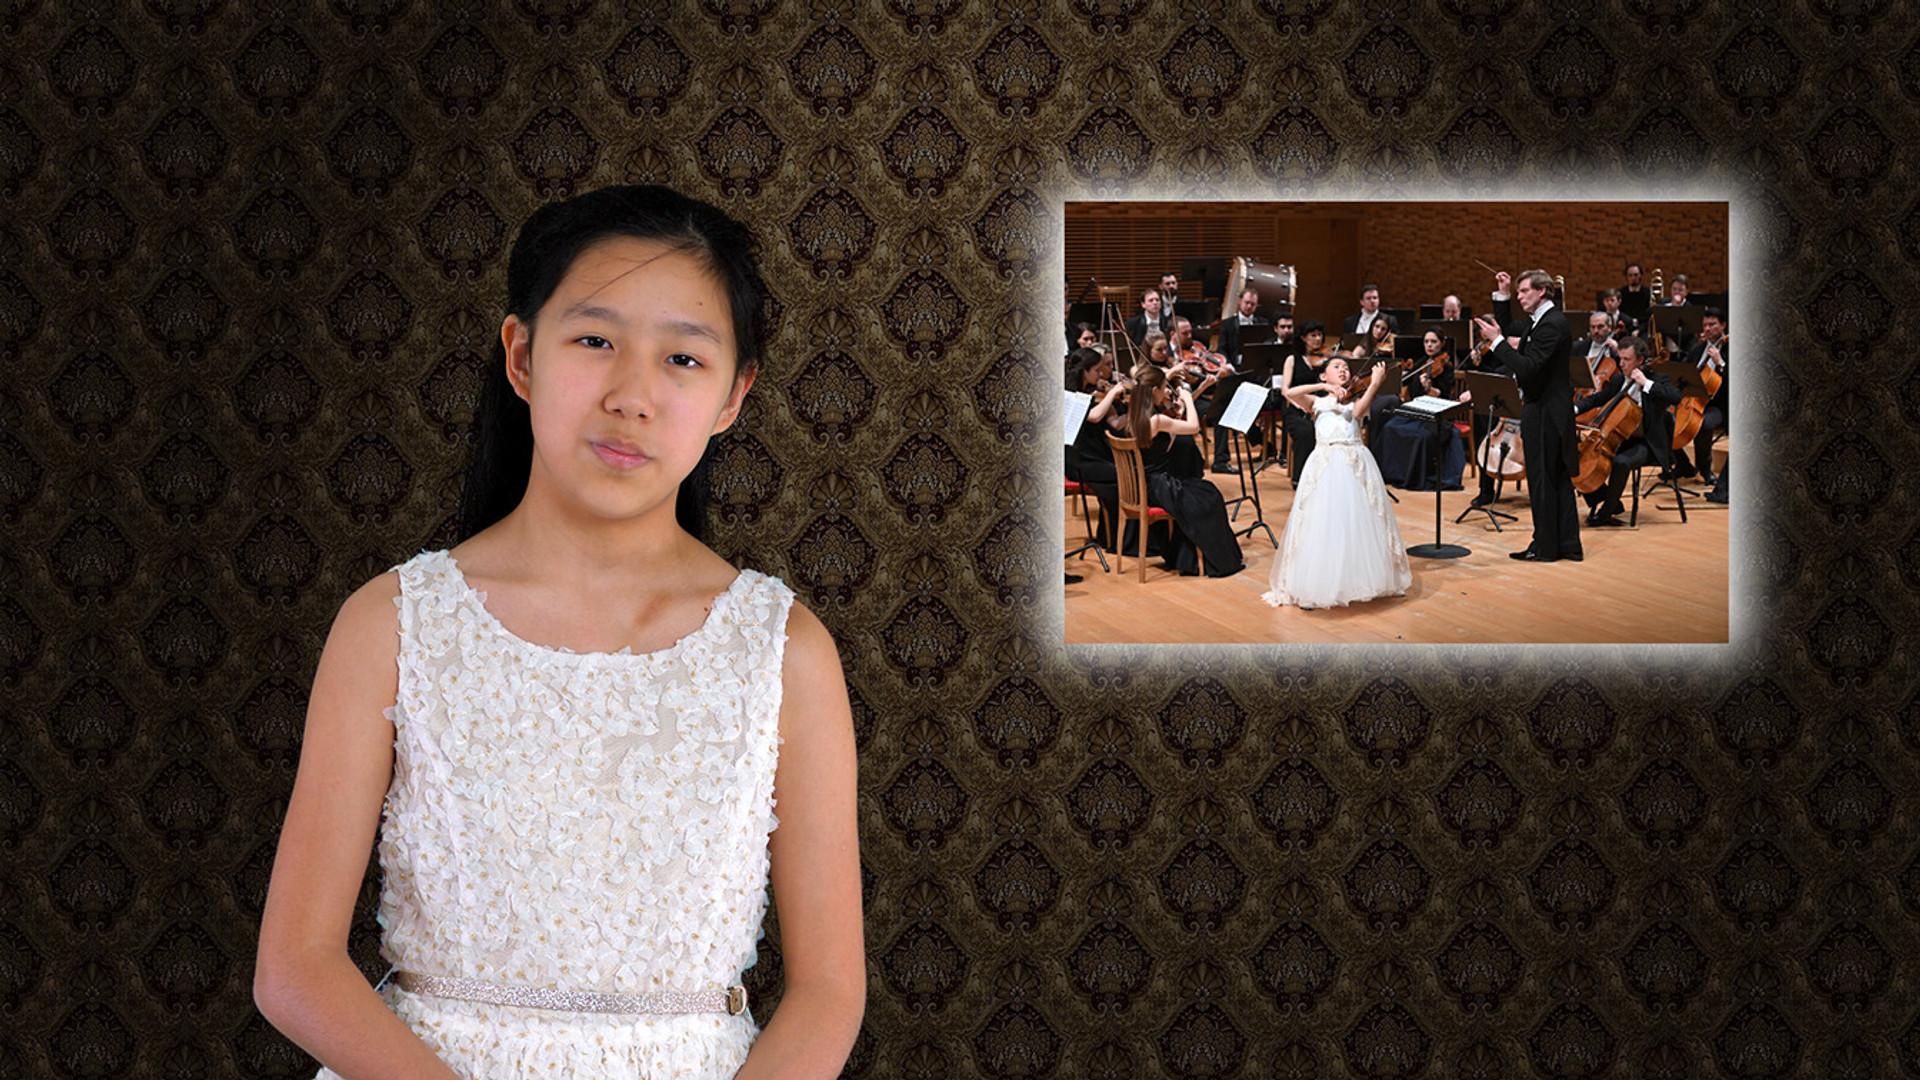 Violinist Leia Zhu Sending Greetings